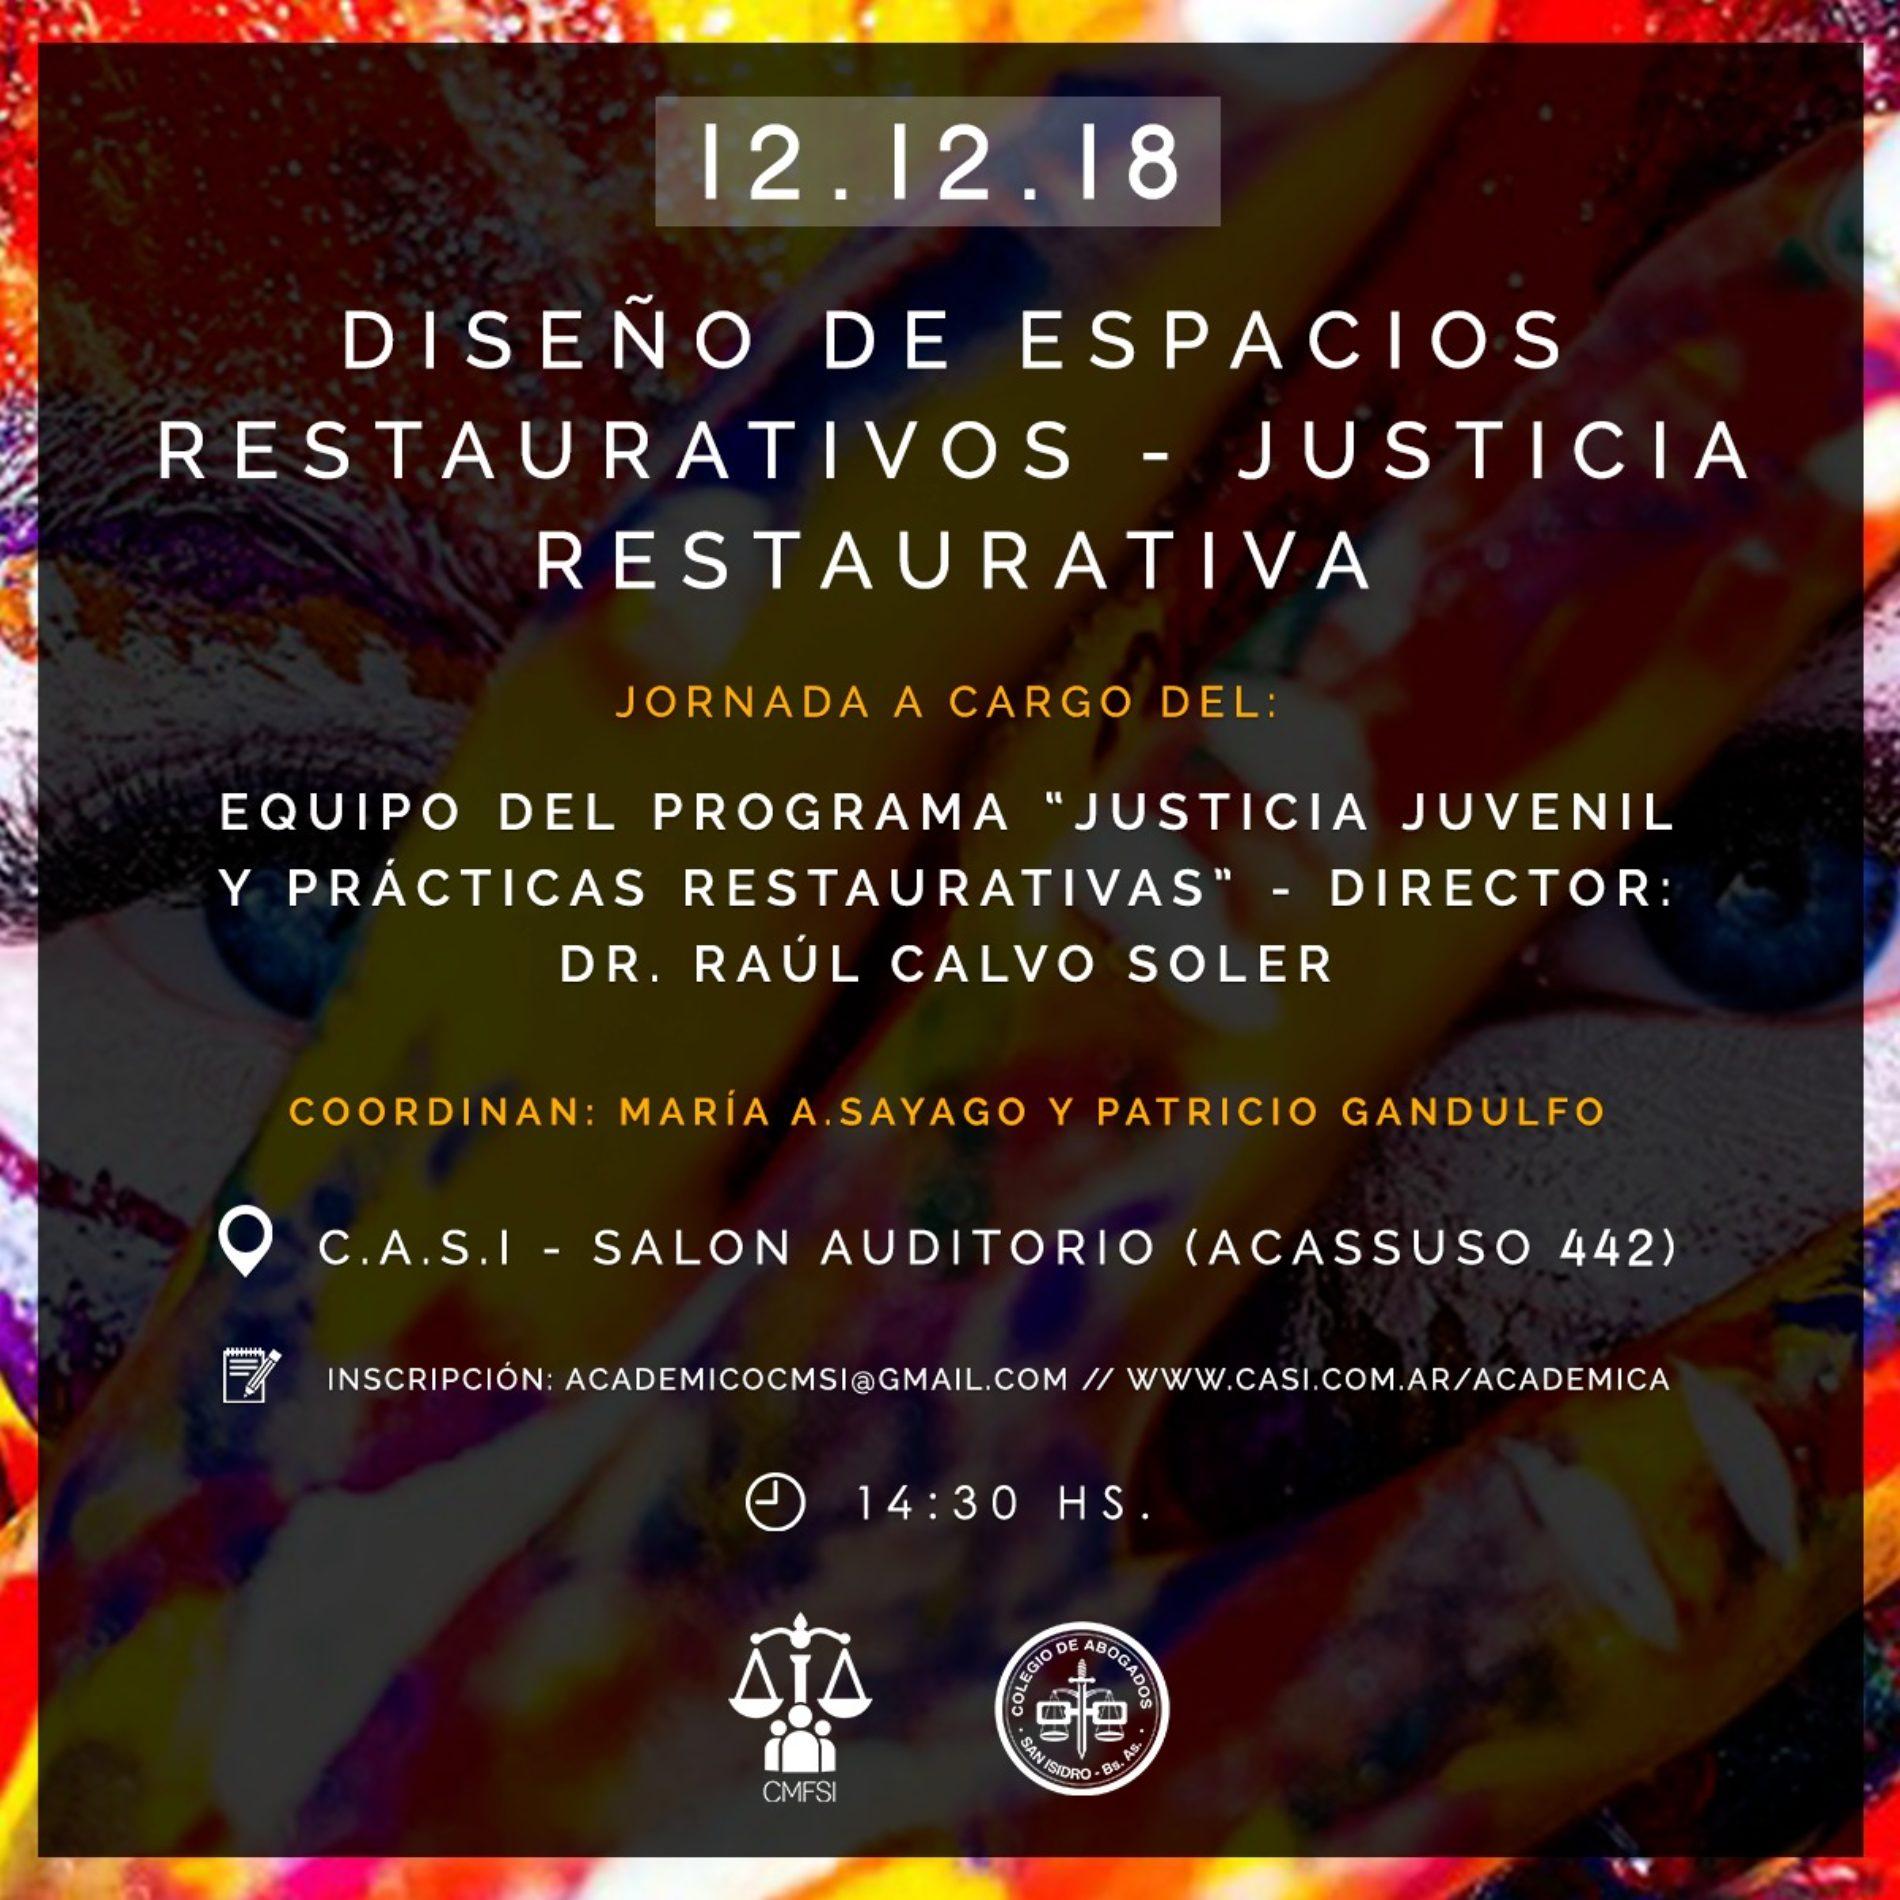 «DISEÑOS DE ESPACIOS RESTAURATIVOS – JUSTICIA RESTAURATIVA»